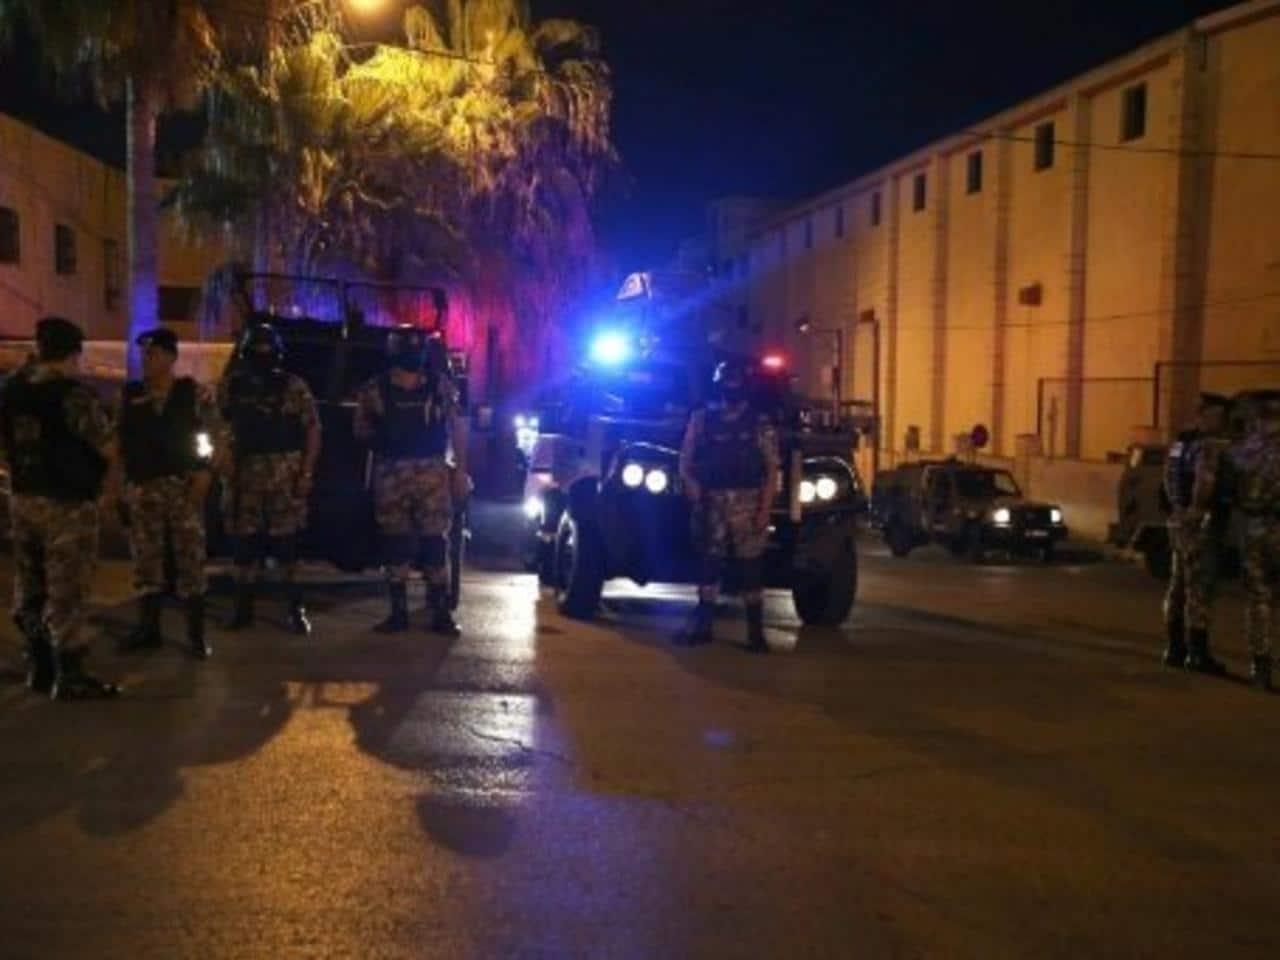 أول فيديو يظهر حالة الاستنفار الأمني القصوى في الأردن بعد محاولة انقلاب الأمير حمزة